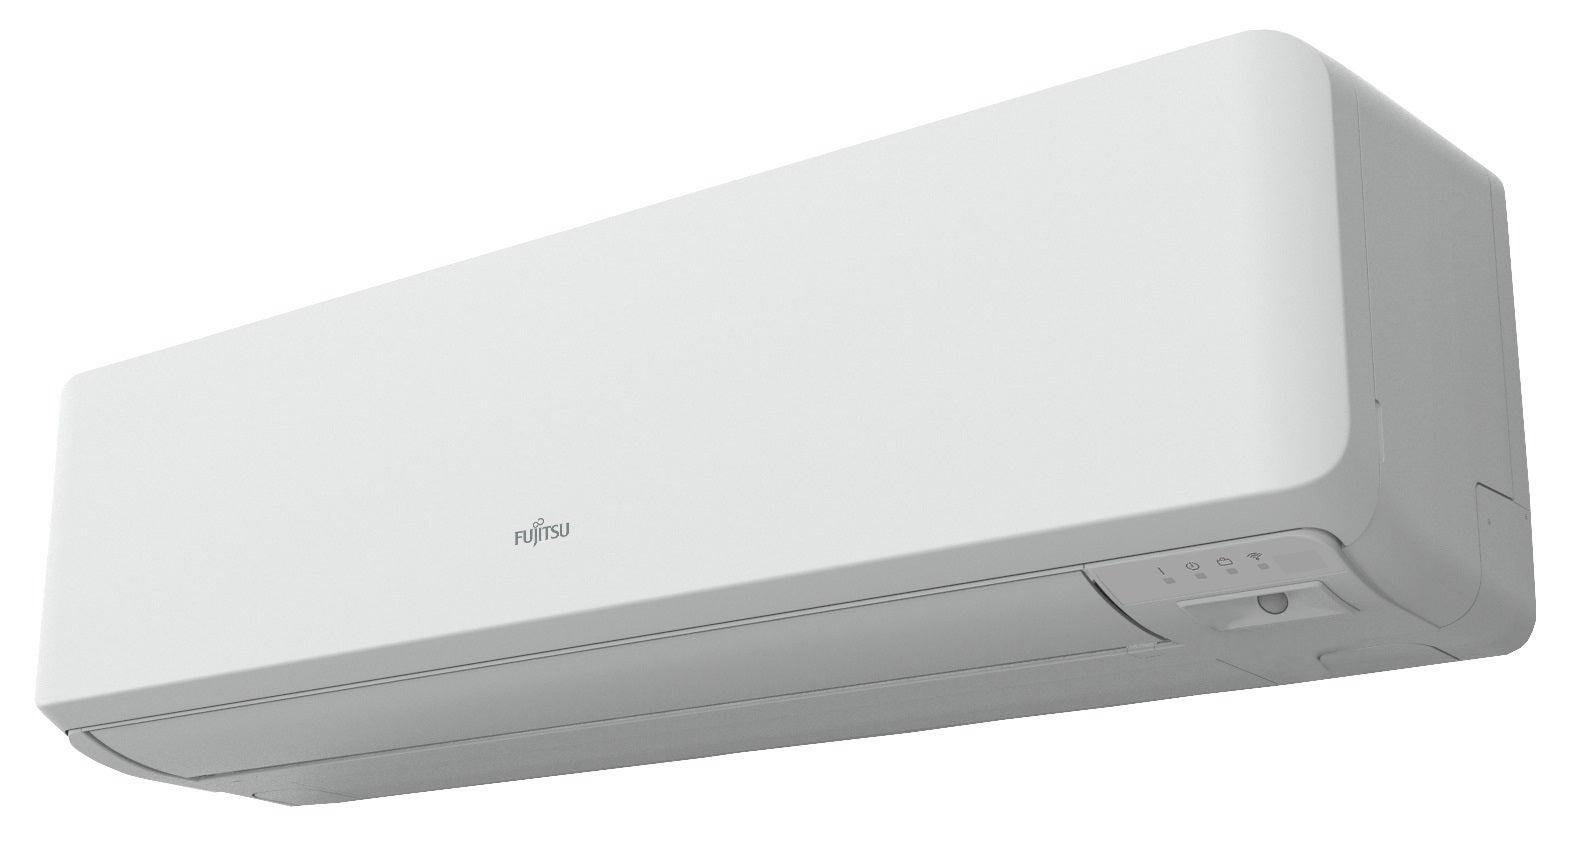 Fujitsu ASTG22KMTC Air Conditioner